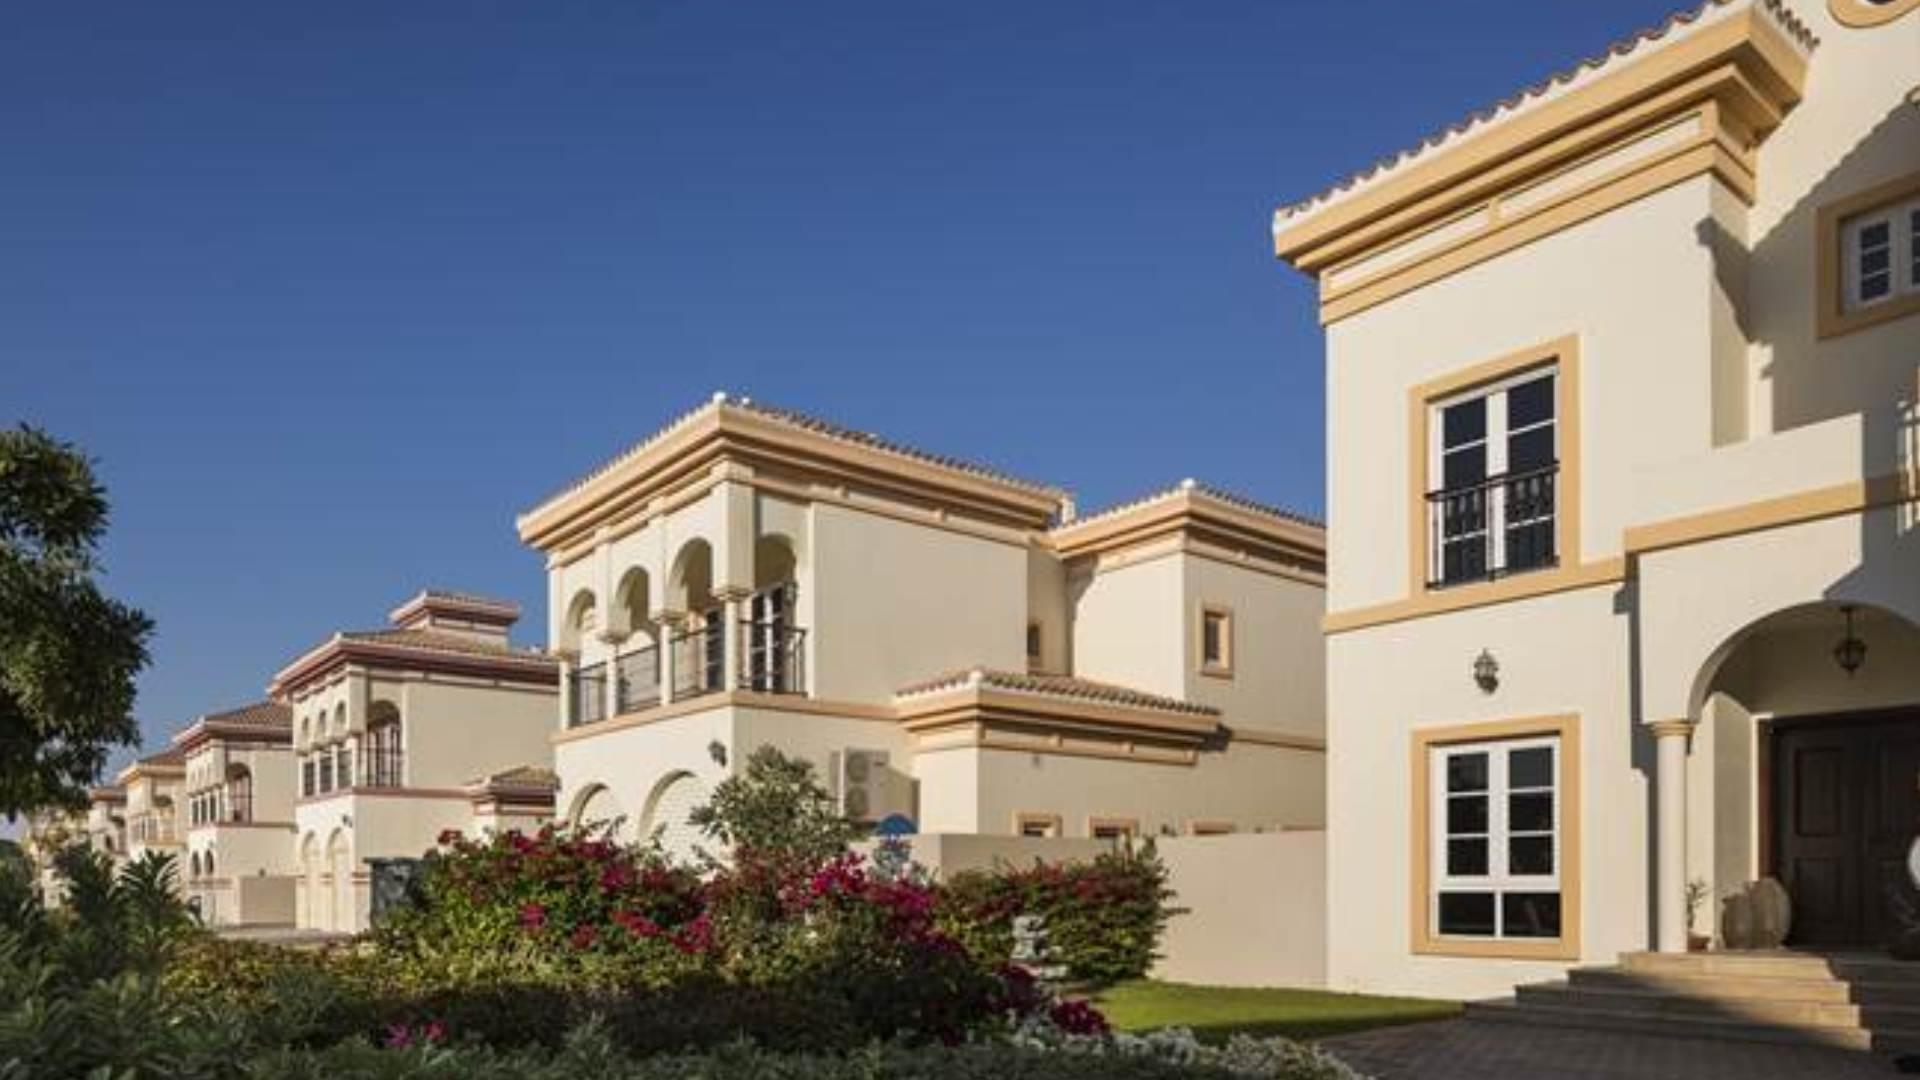 Villa en venta en Dubai, EAU, 6 dormitorios, 1161 m2, № 24359 – foto 3